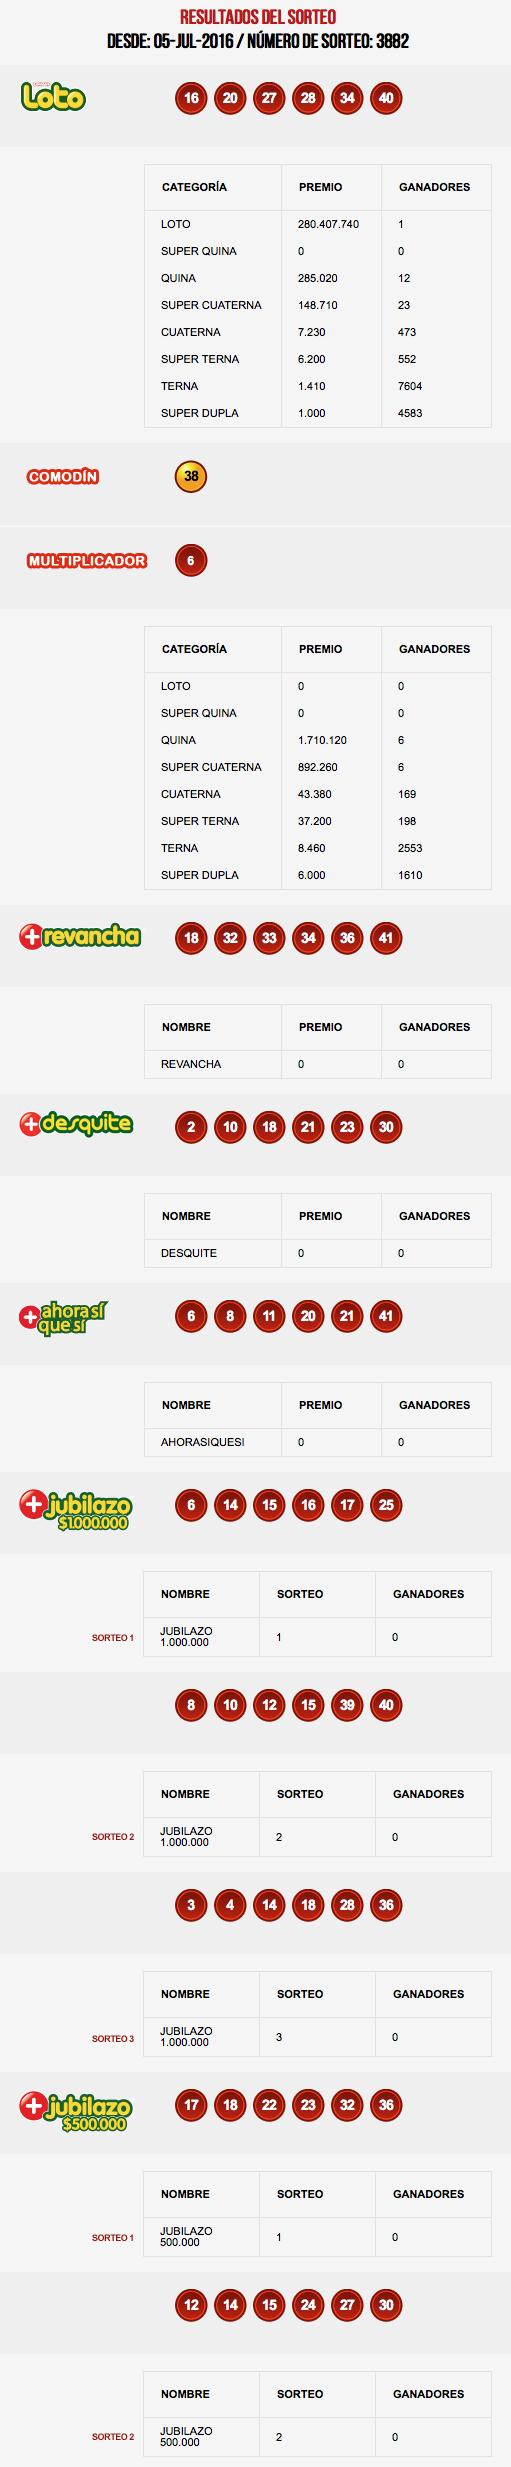 resultados-loto-sorteo-3882